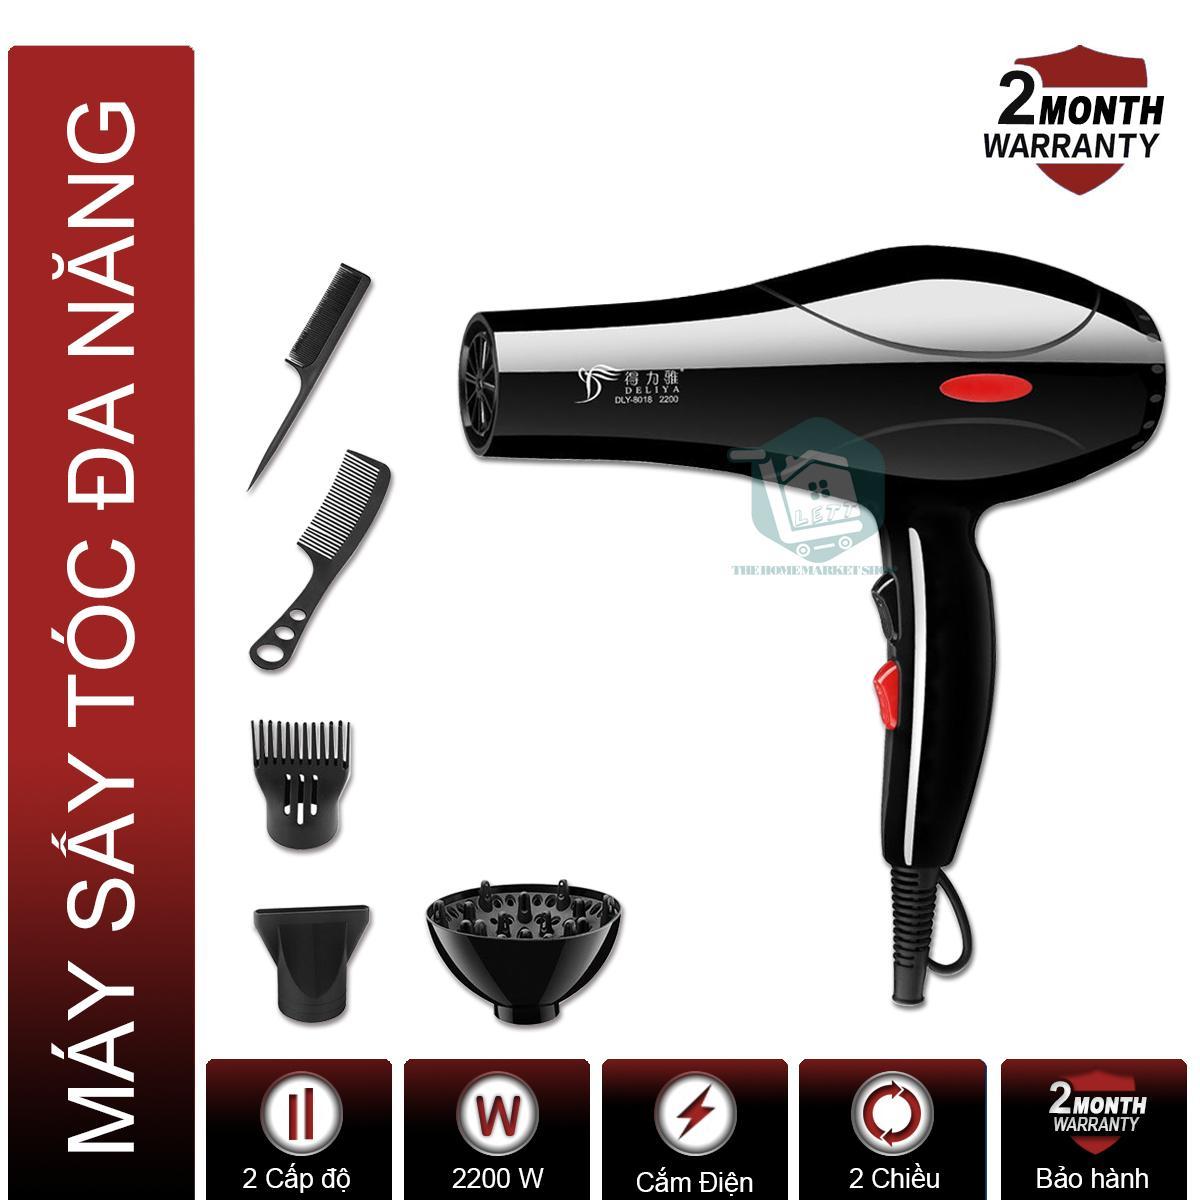 Máy sấy tóc chuyên nghiệp công suất lớn DELIYA 2200W DLY-8018 (Mẫu mới 2019), Tặng bộ dụng cụ 5 món chính hãng